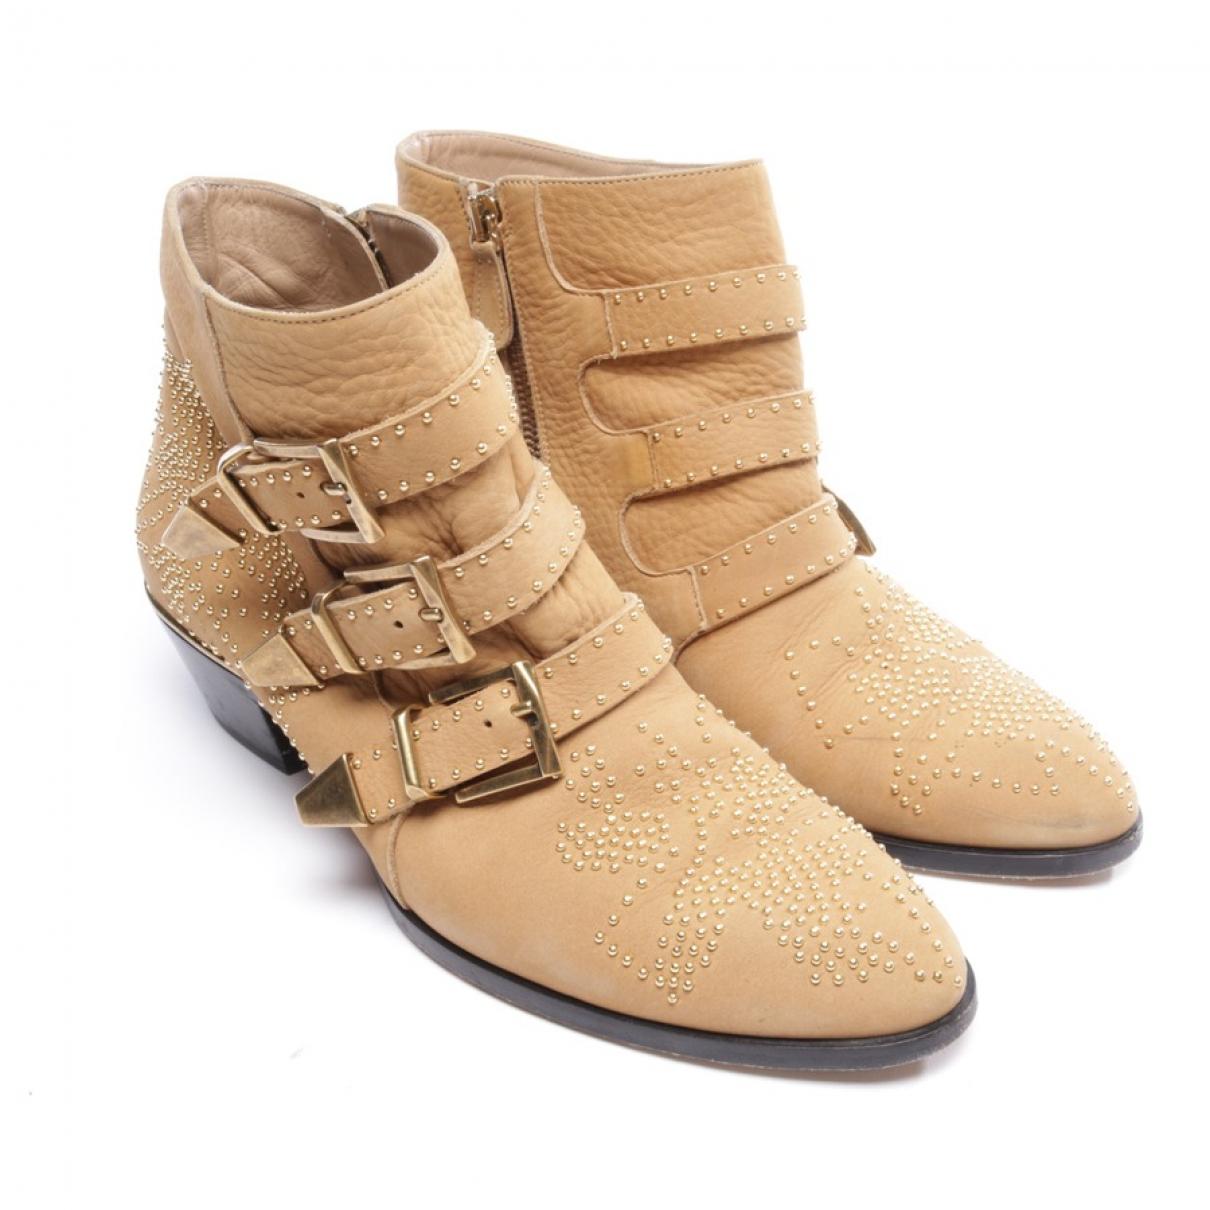 Chloe - Boots Susanna pour femme en cuir - beige